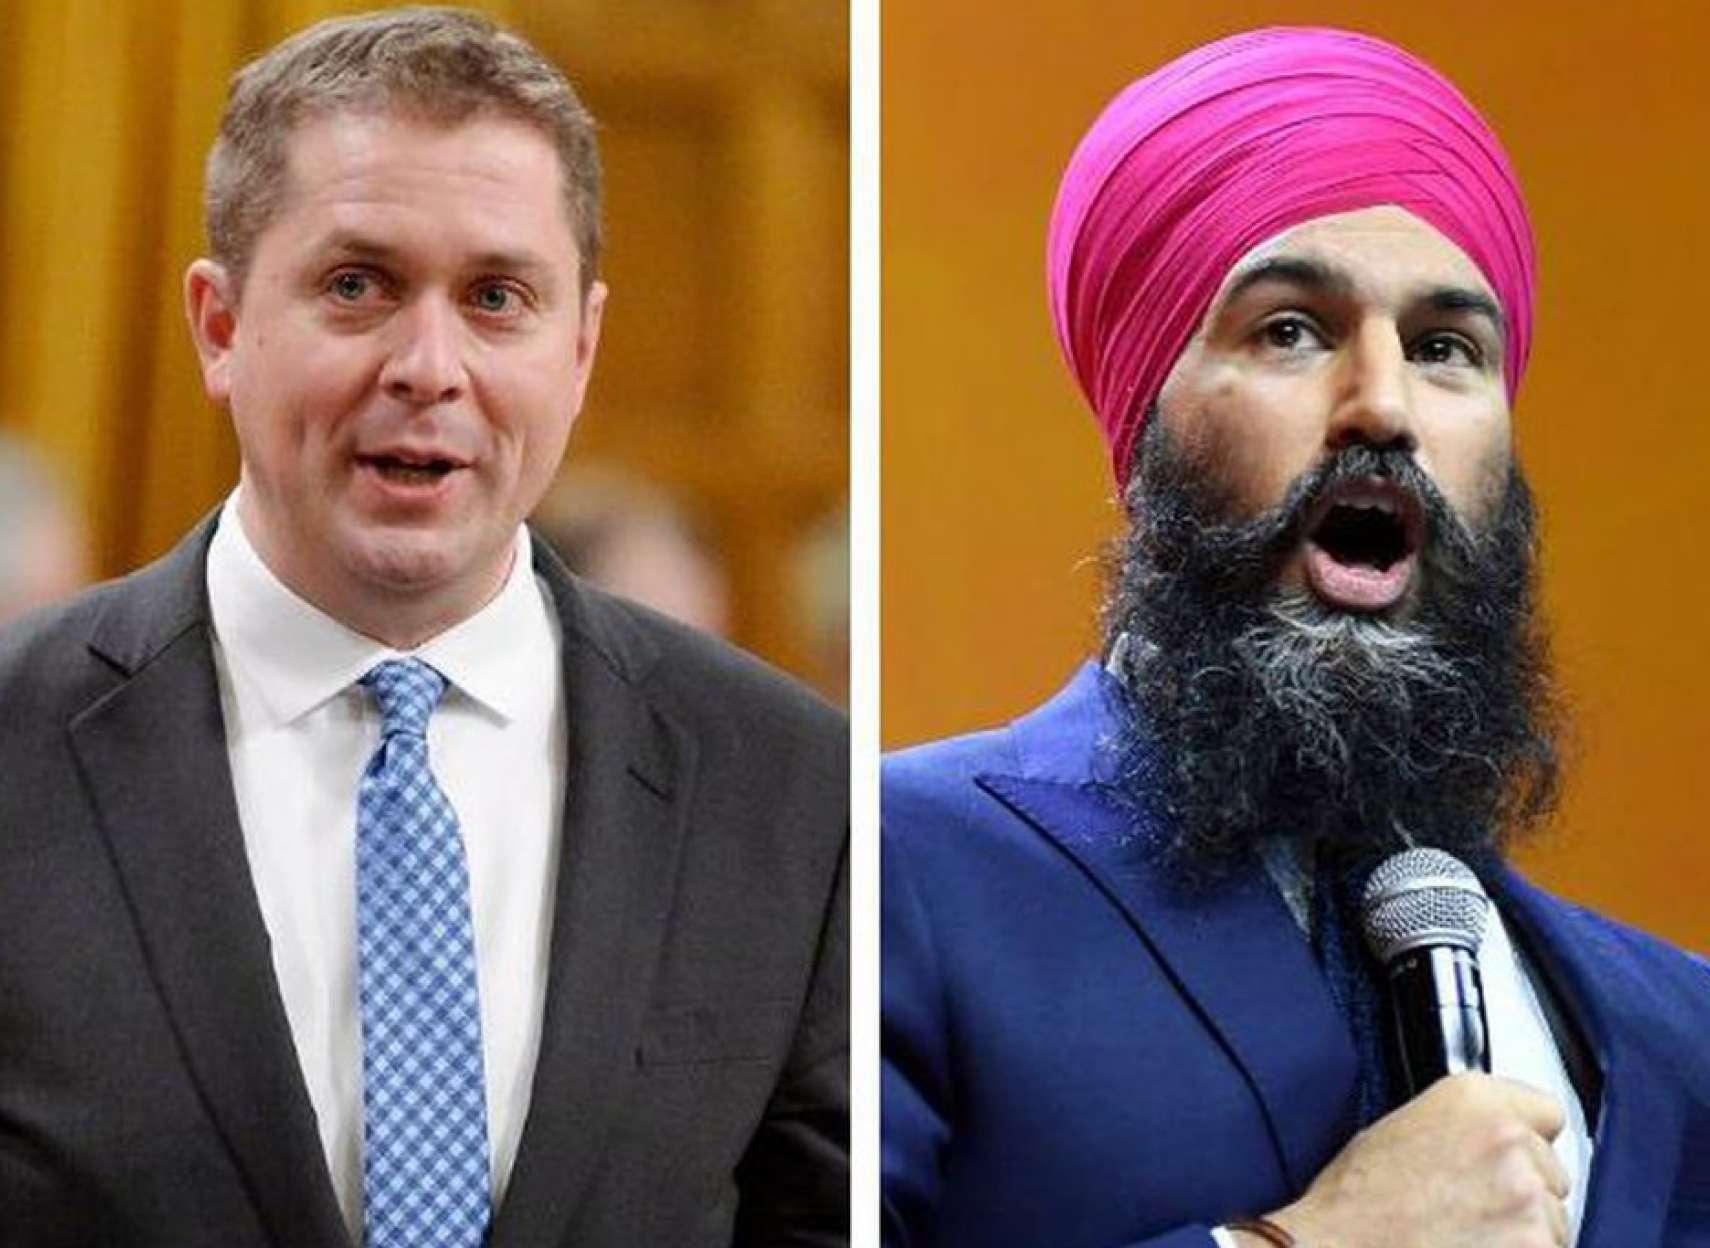 اخبار-کانادا-نیودموکراتها-از-دولت-احتمالی-اقلیتی-محافظهکاران-حمایت-نمیکنند